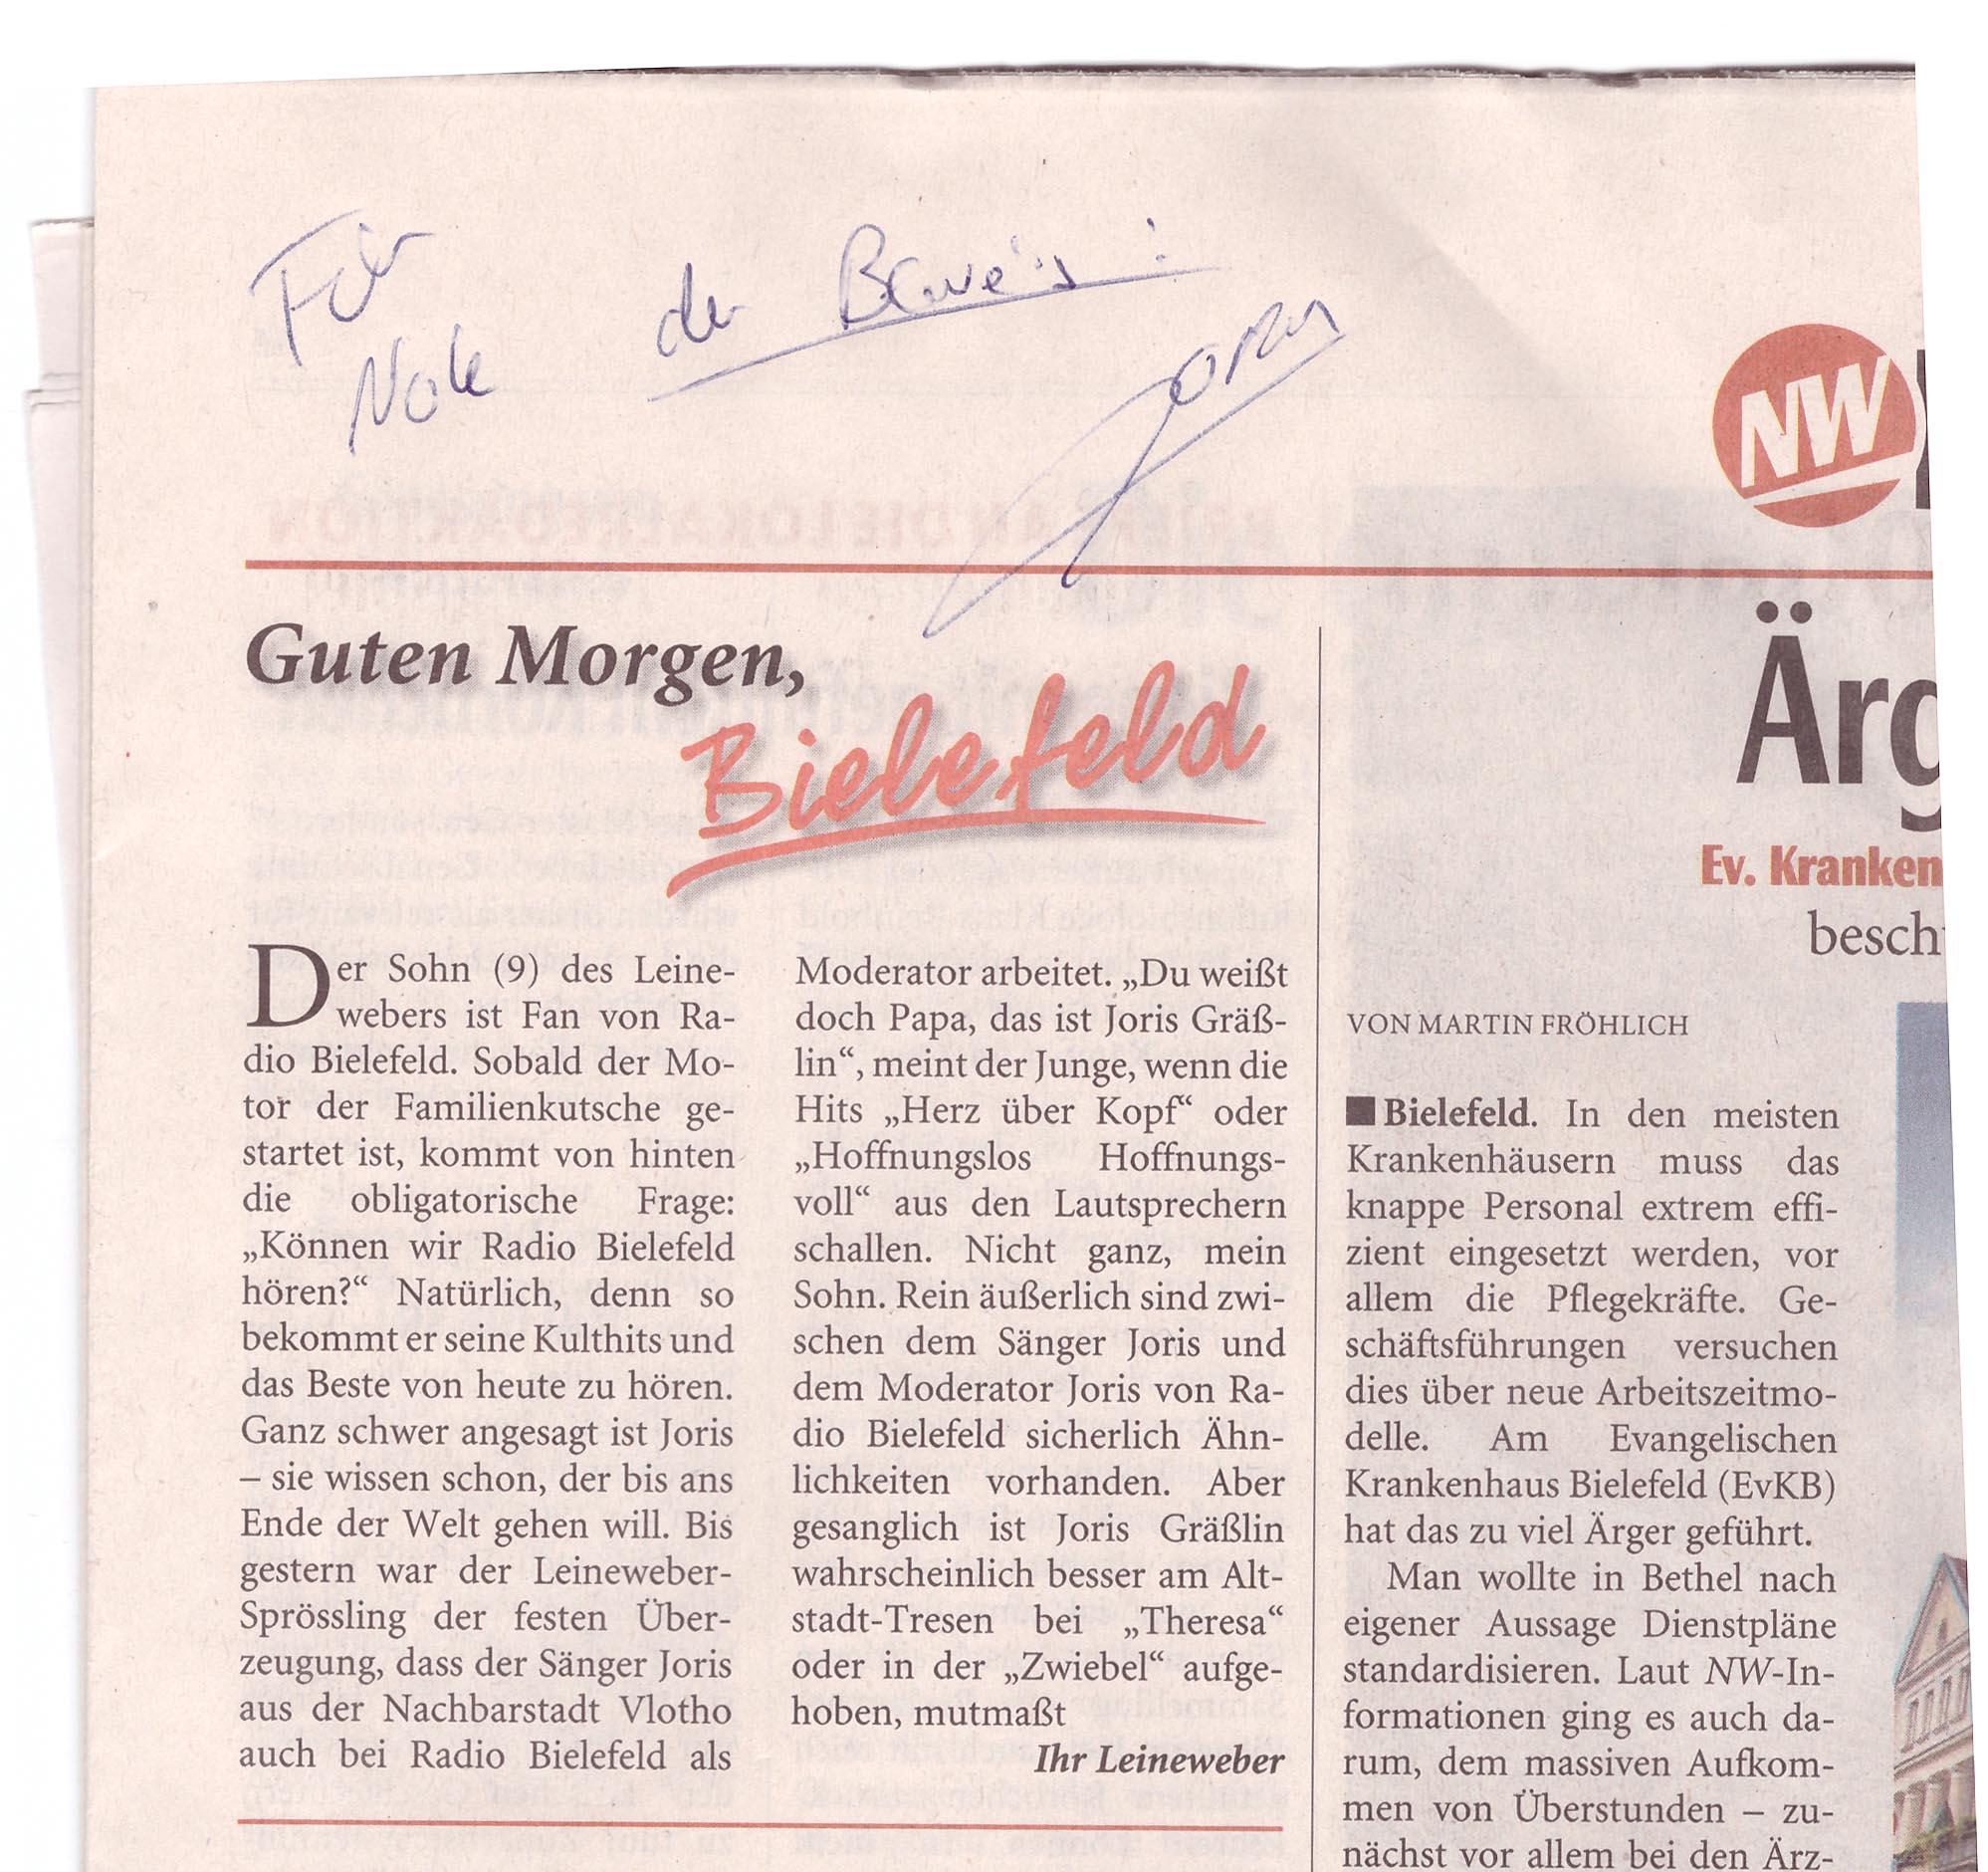 Der Original-Leineweber in der NW und darauf das Autogramm von Joris für Nole.